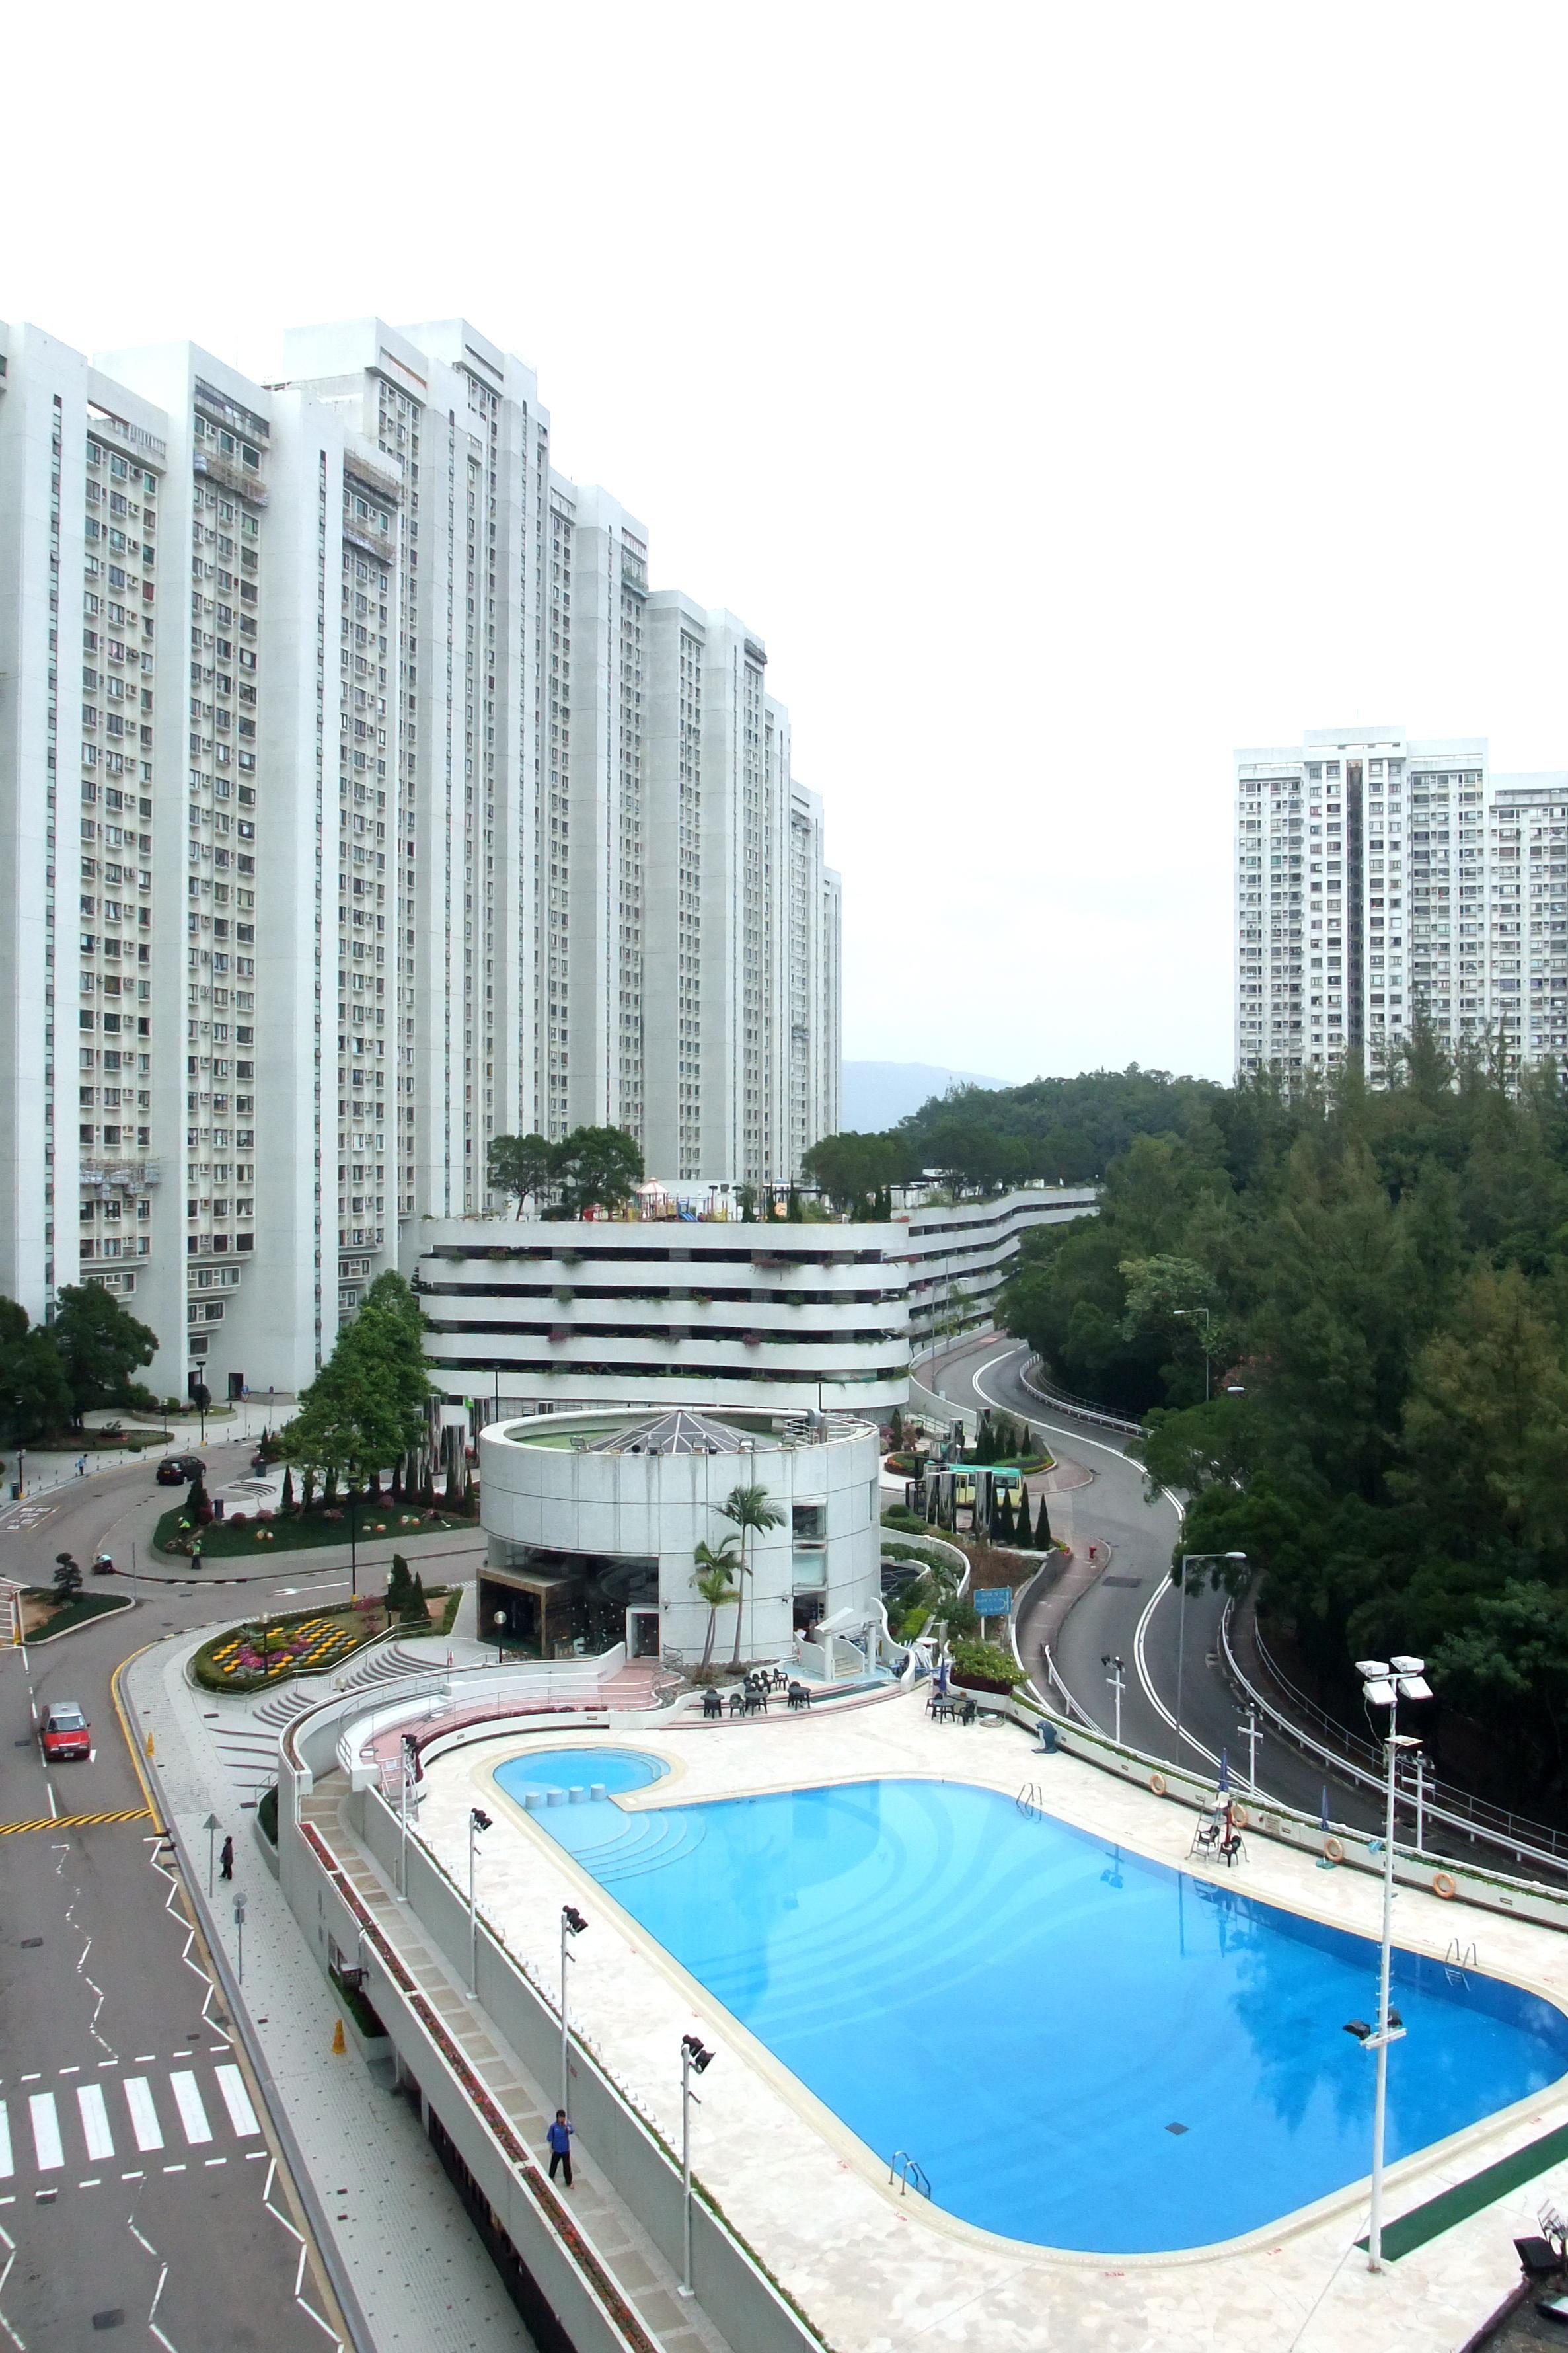 香港����y.9���a��-yolL�M_399 × 599 像素